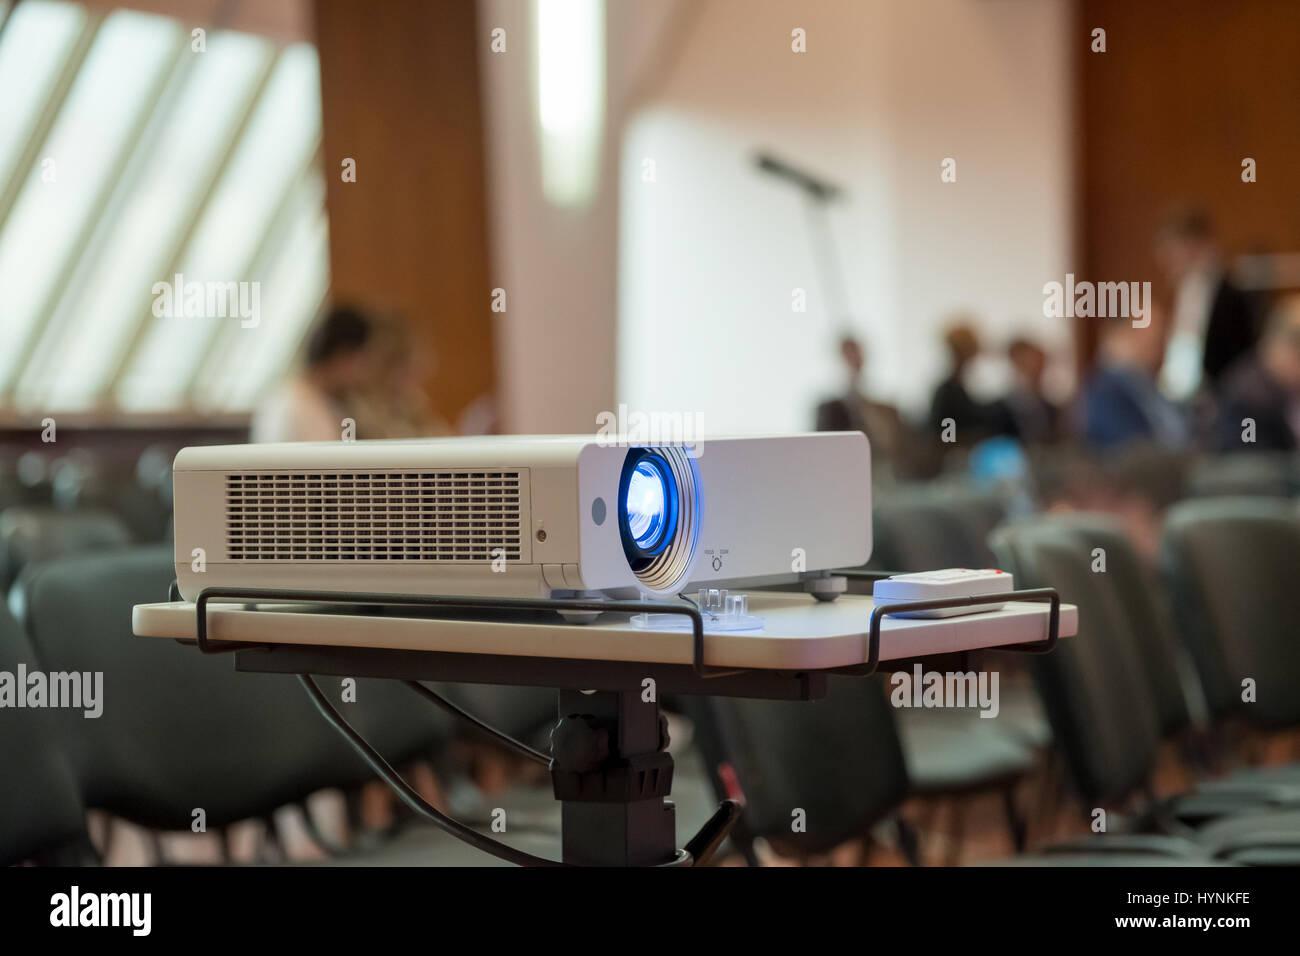 Proiettore dimostra la presentazione Immagini Stock